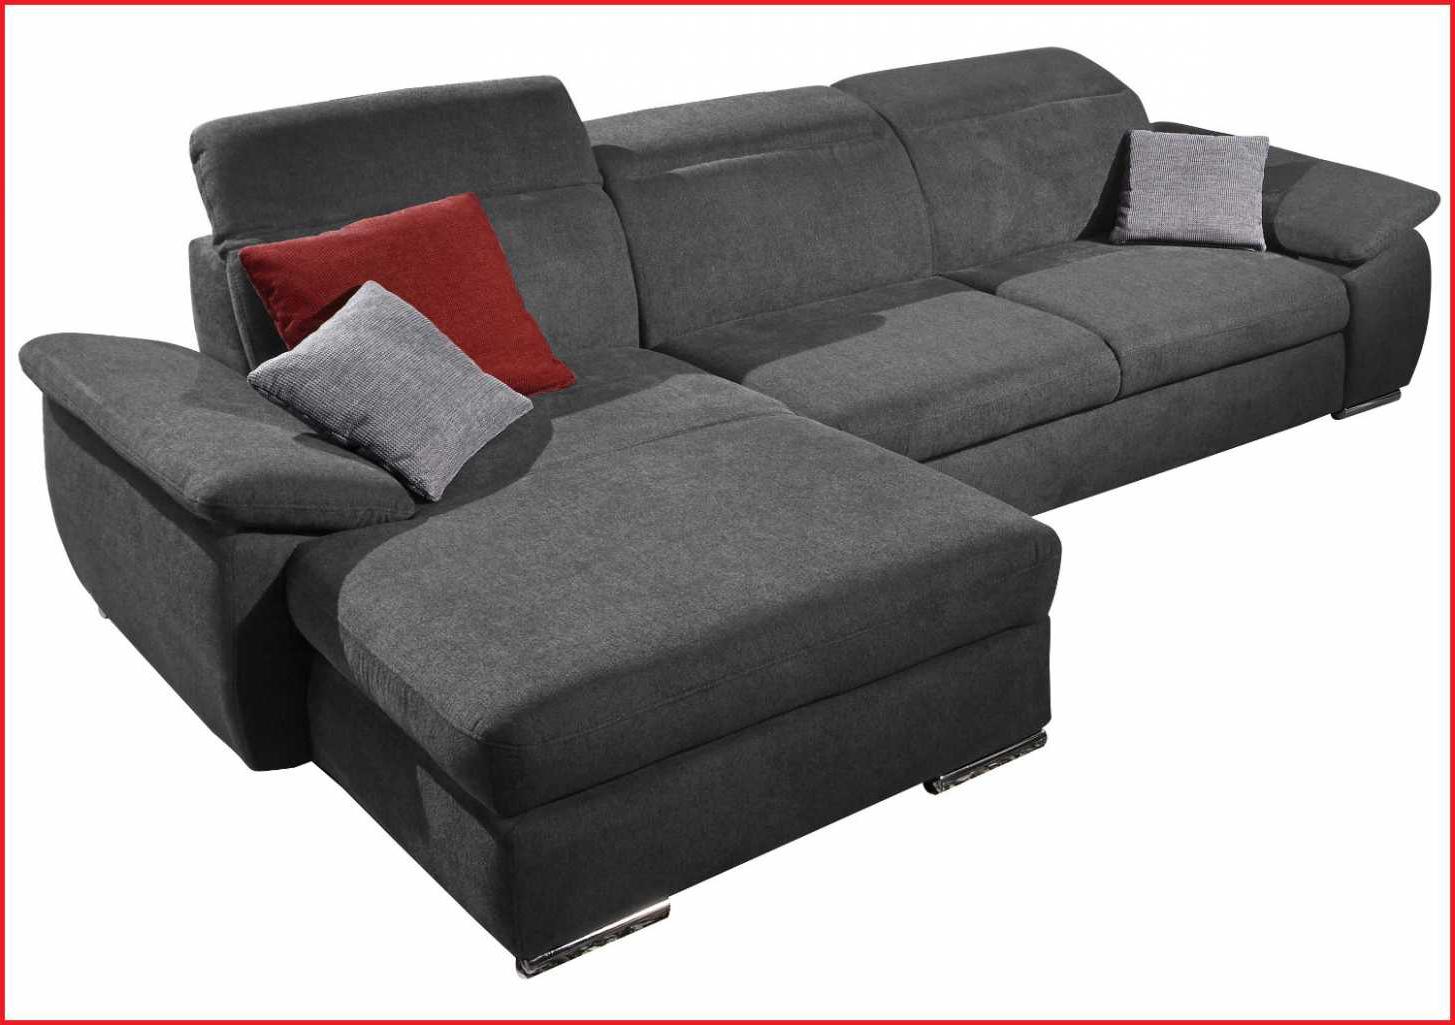 Sofas Cheslong Conforama Txdf Conforama Sillon Cama 9 Fundas Para Cheslong Conforama sofa Cama